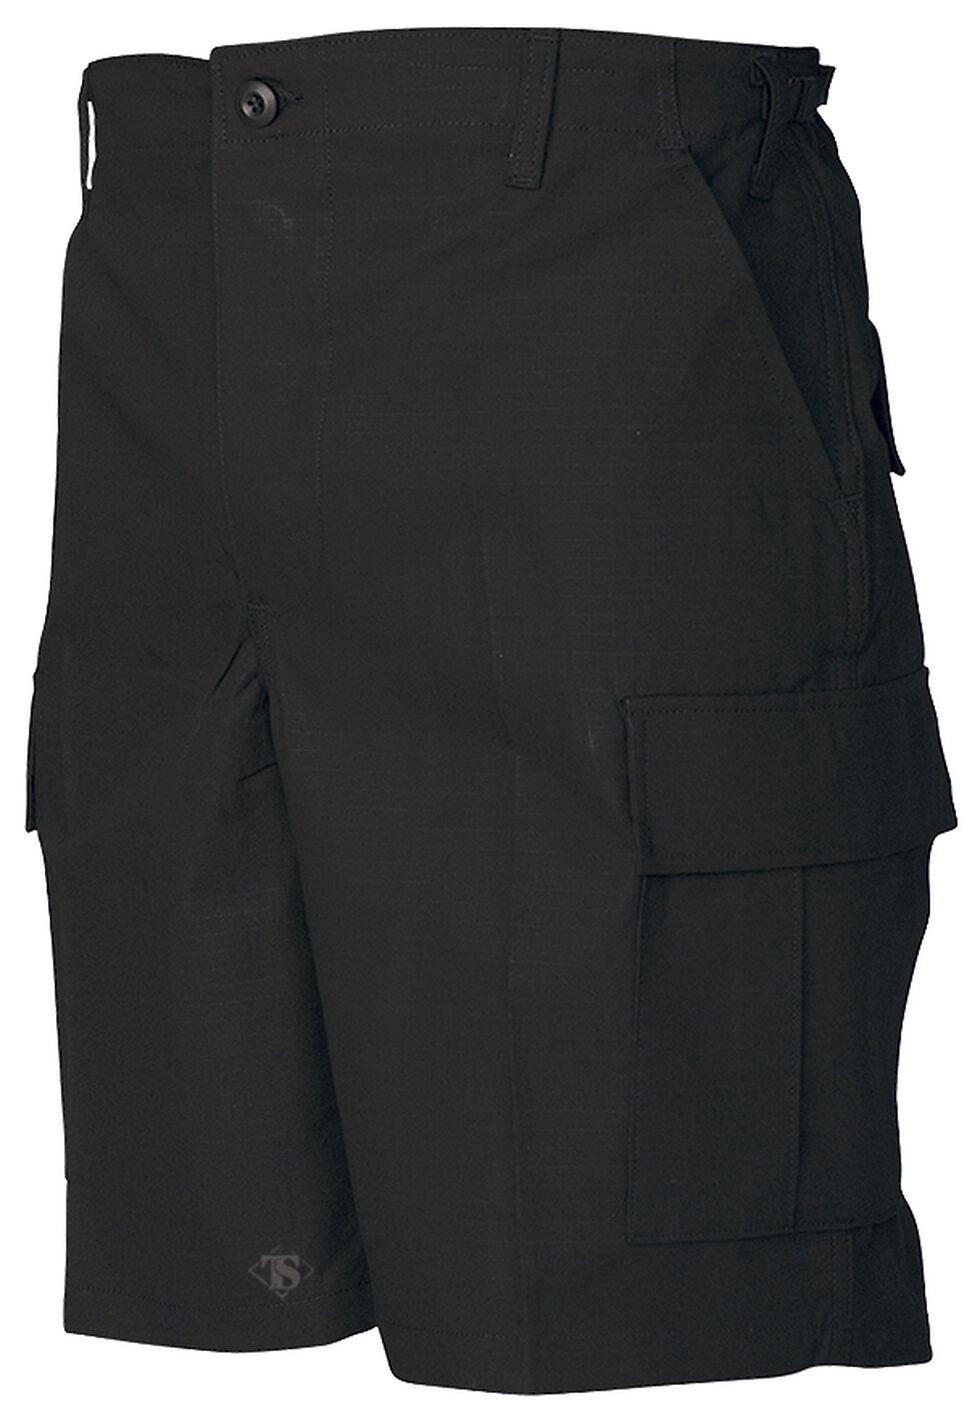 Tru-Spec Men's Black BDU Shorts, Black, hi-res